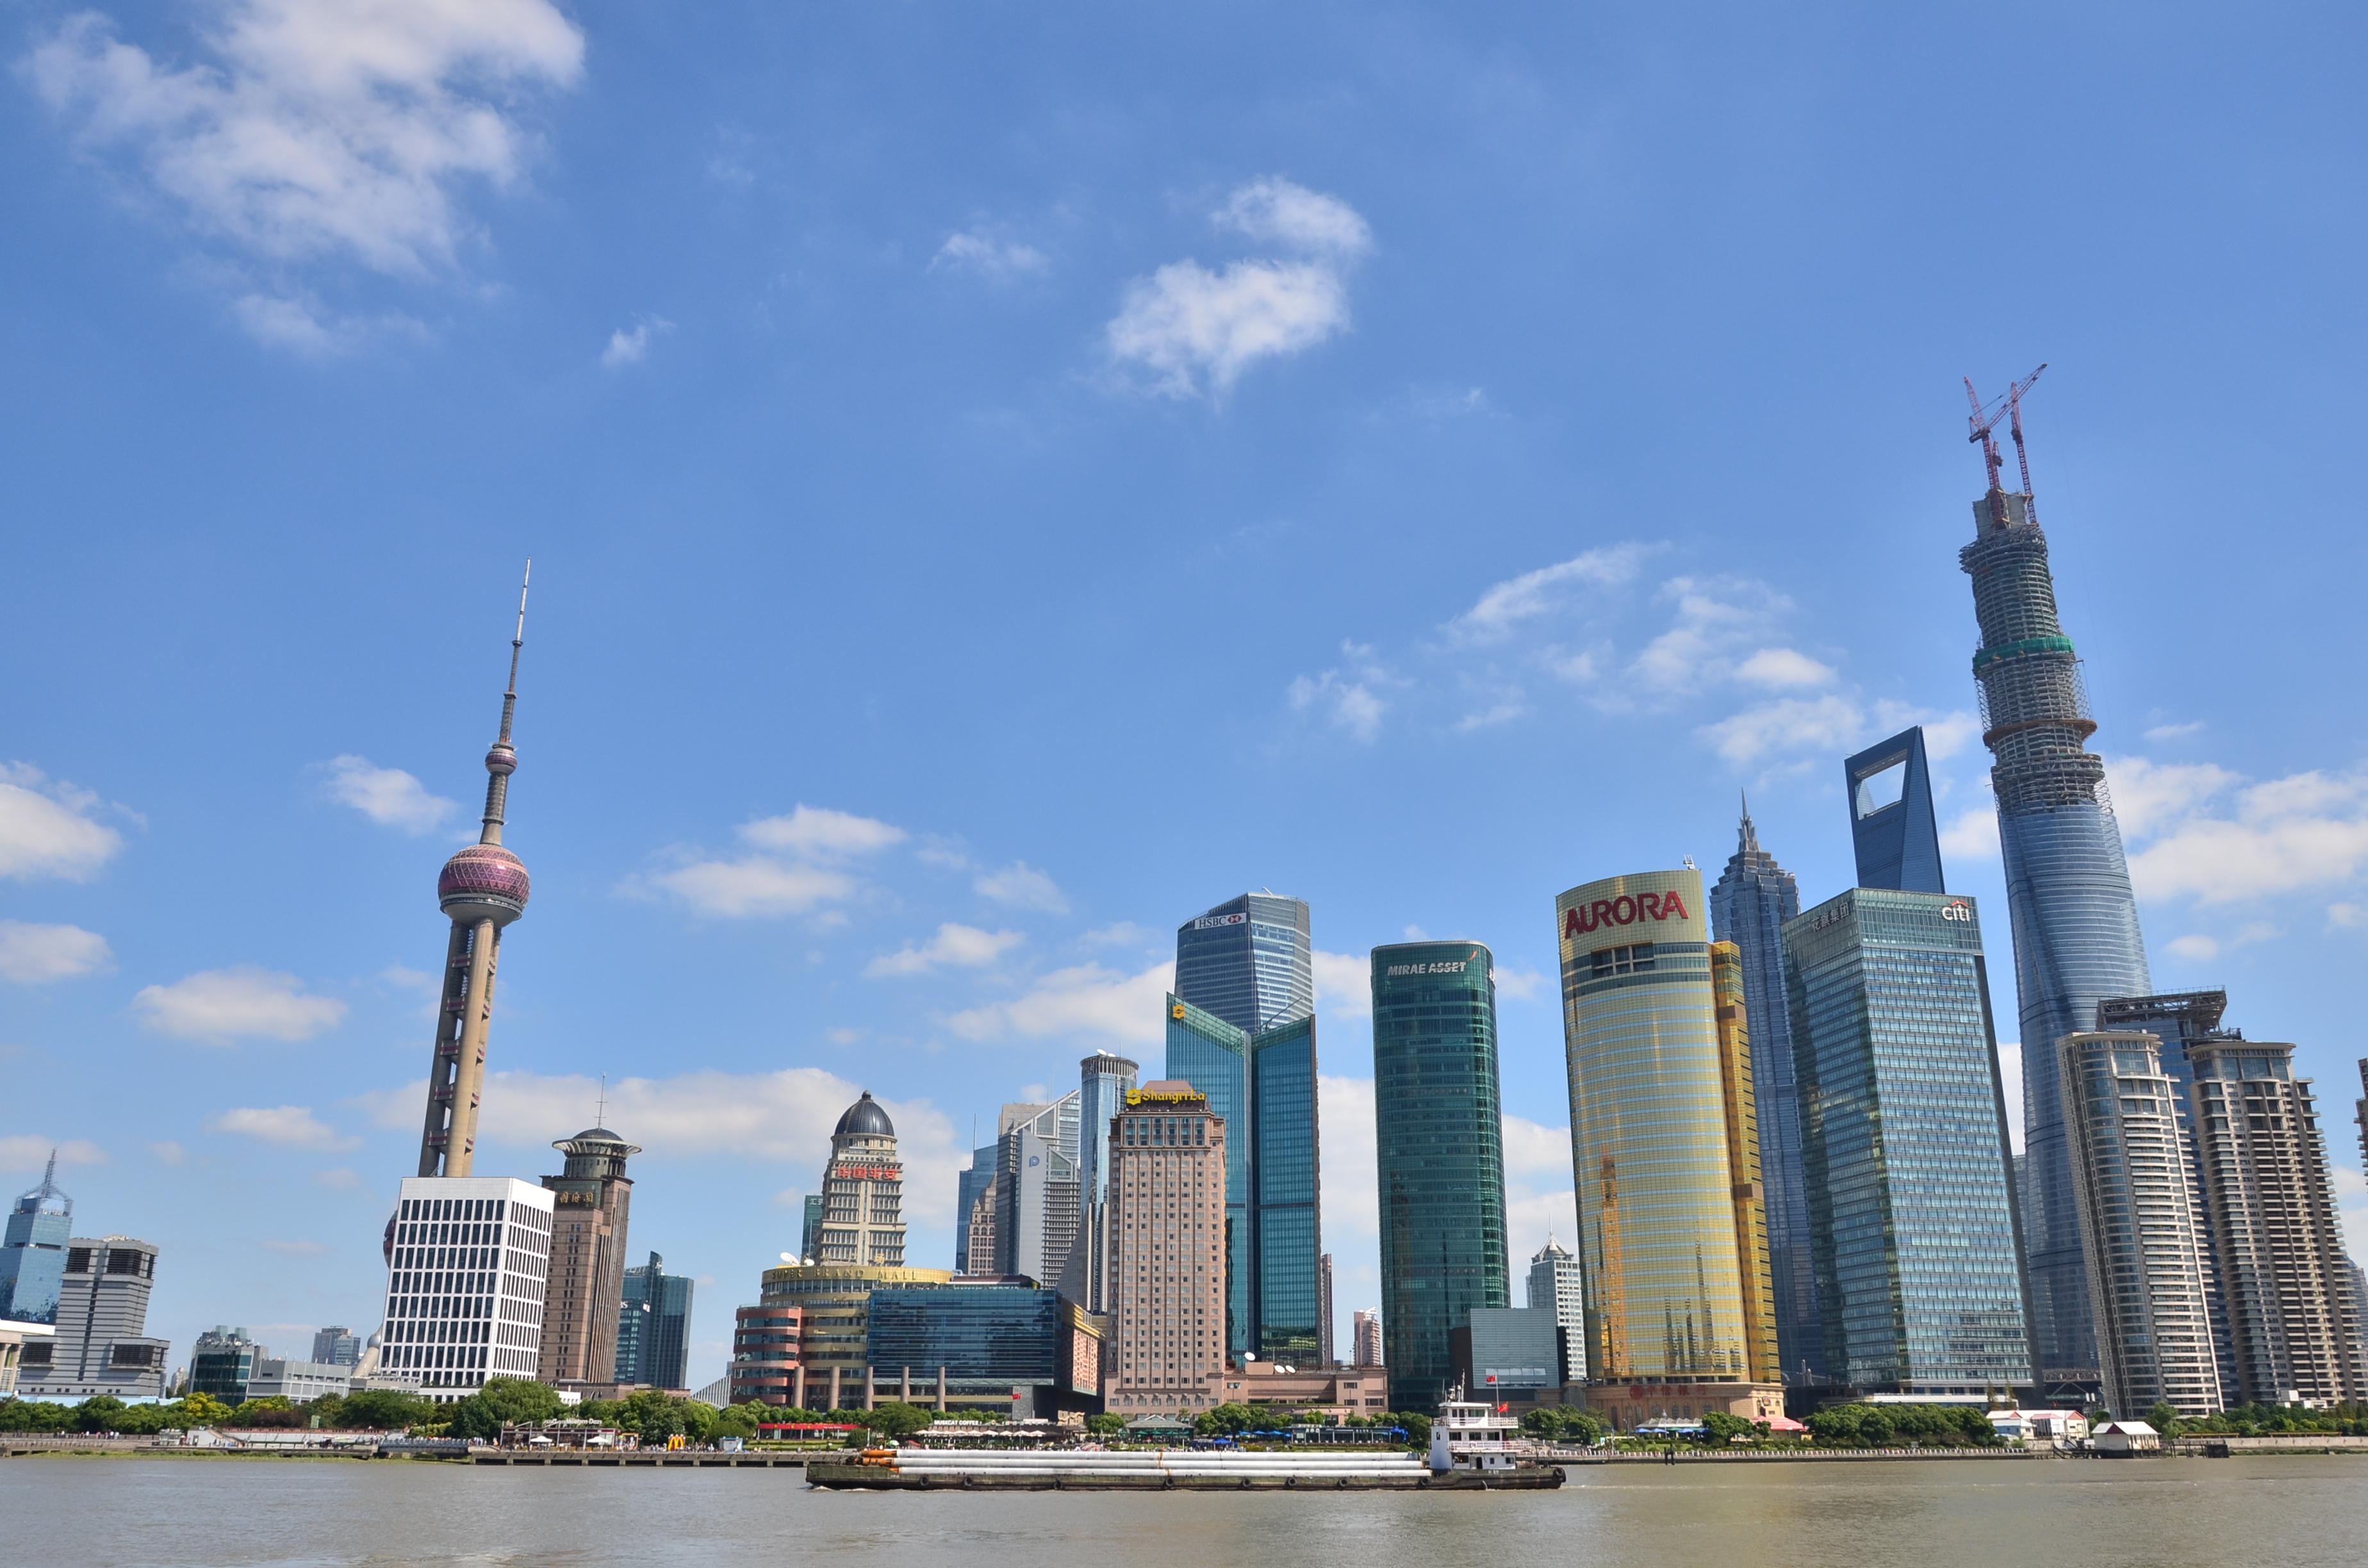 【携程攻略】上海东方明珠朋友出游点评